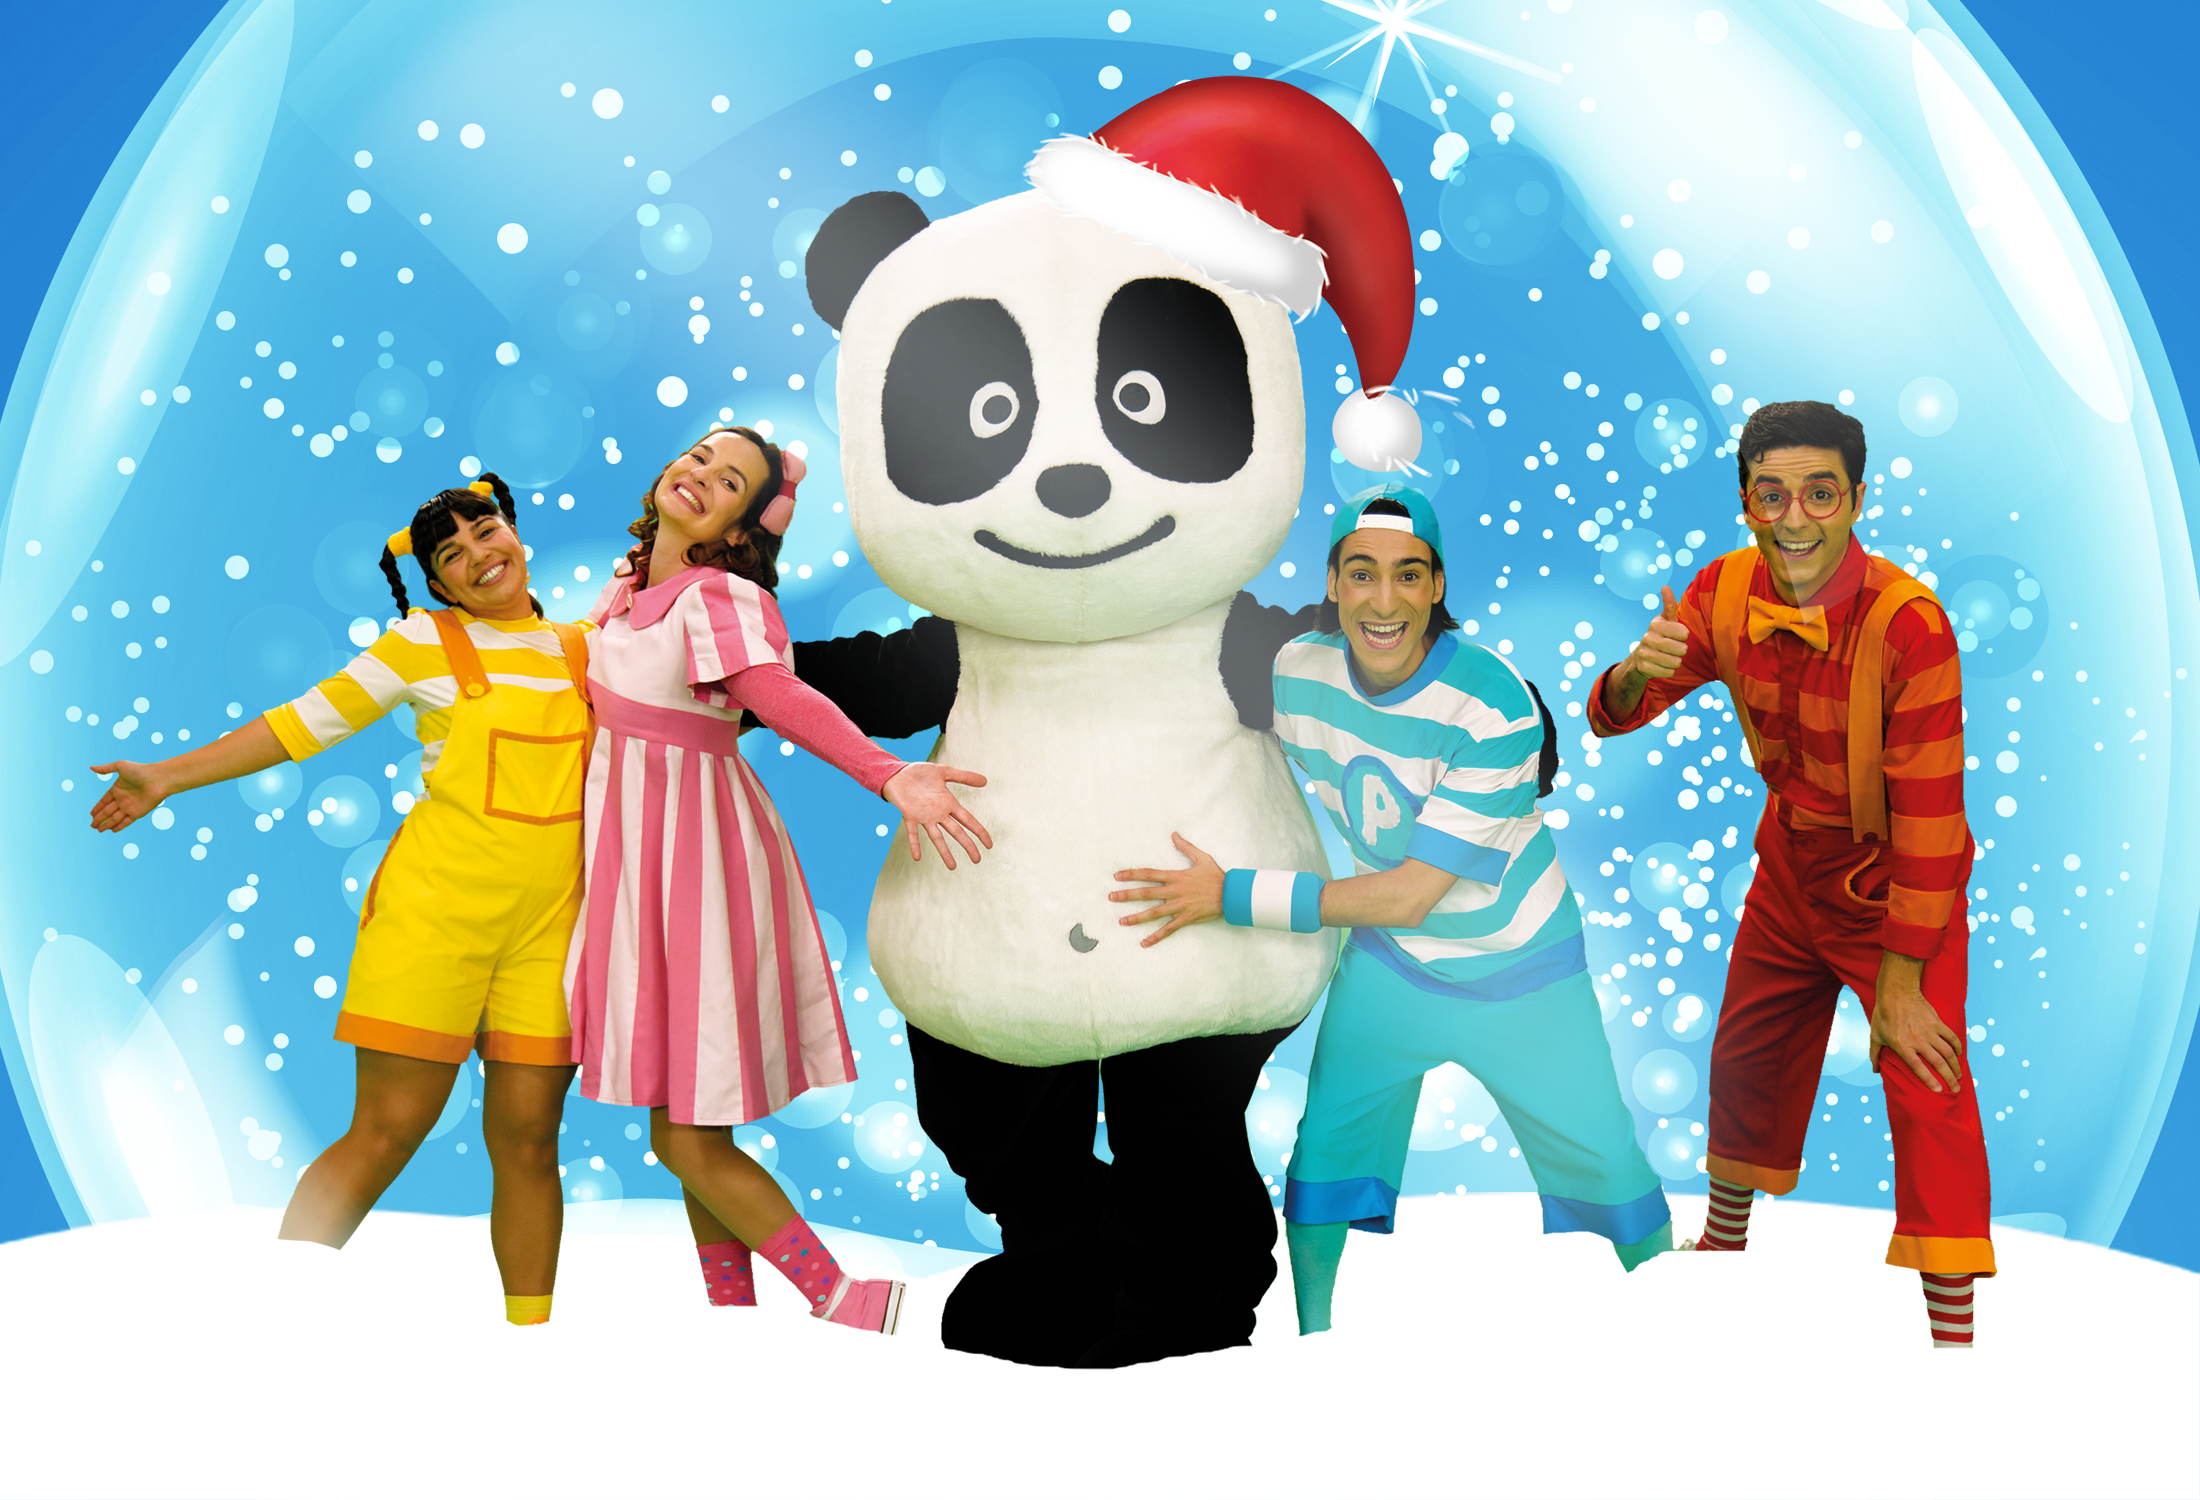 Panda e os Caricas - A Bola de Natal